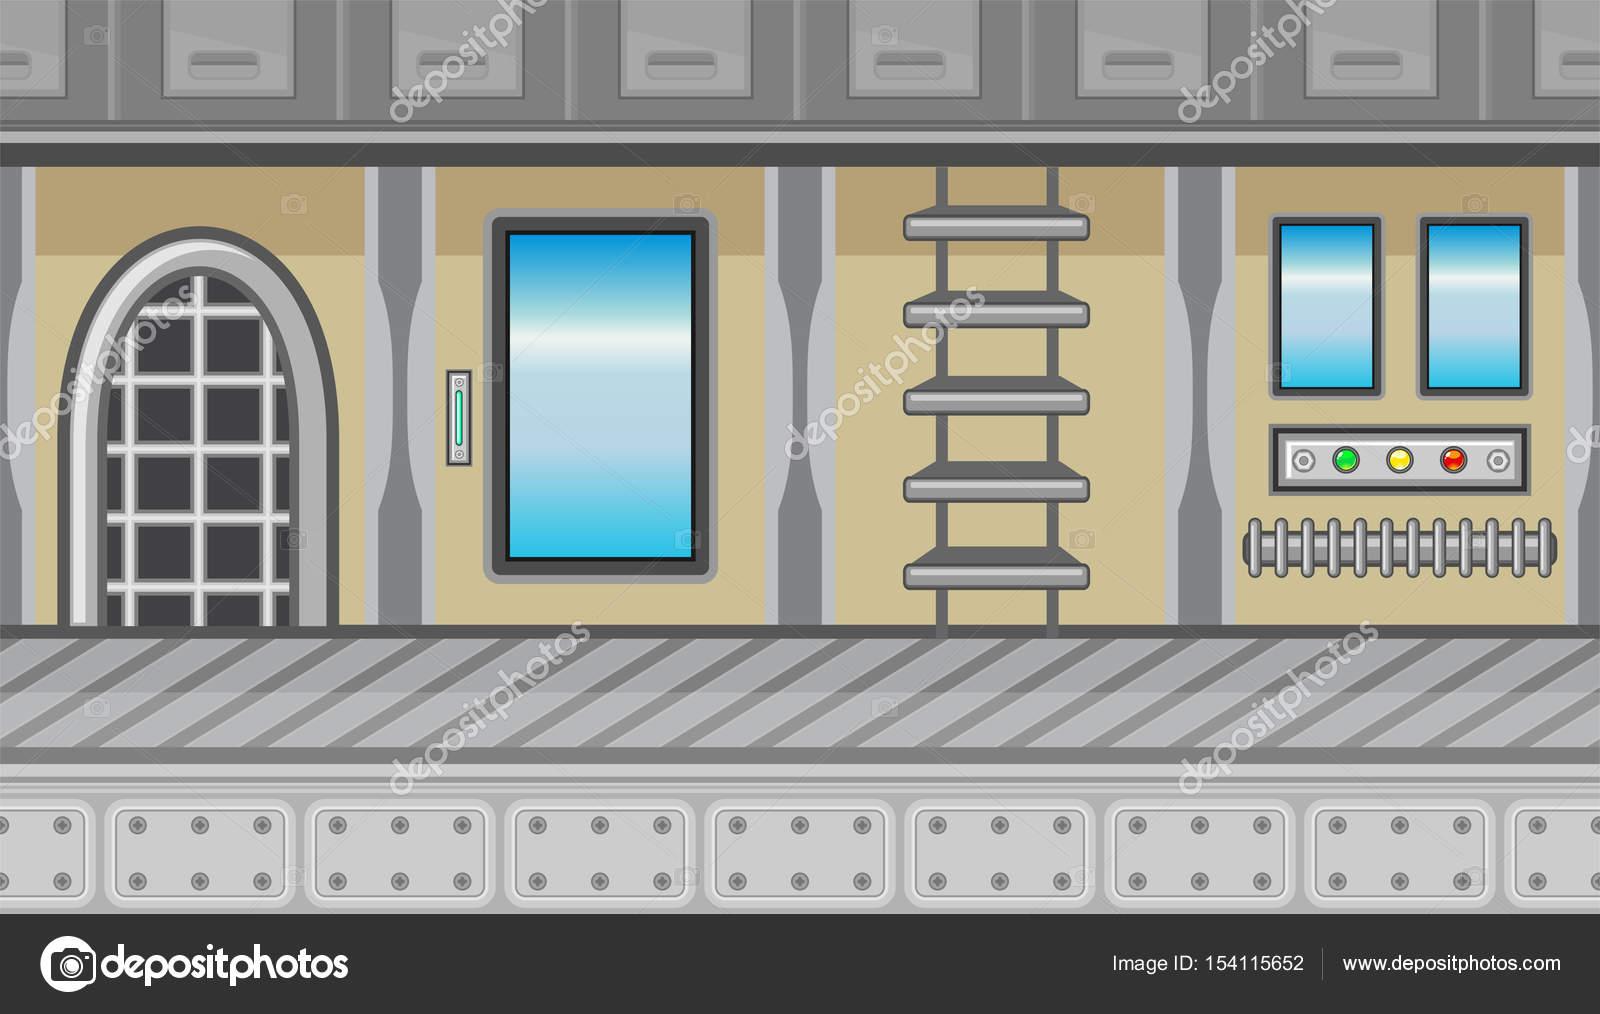 Interior De Ventana De Nave Espacial: Interior De Nave Espacial Ventanas Escalera Y Azul Para El